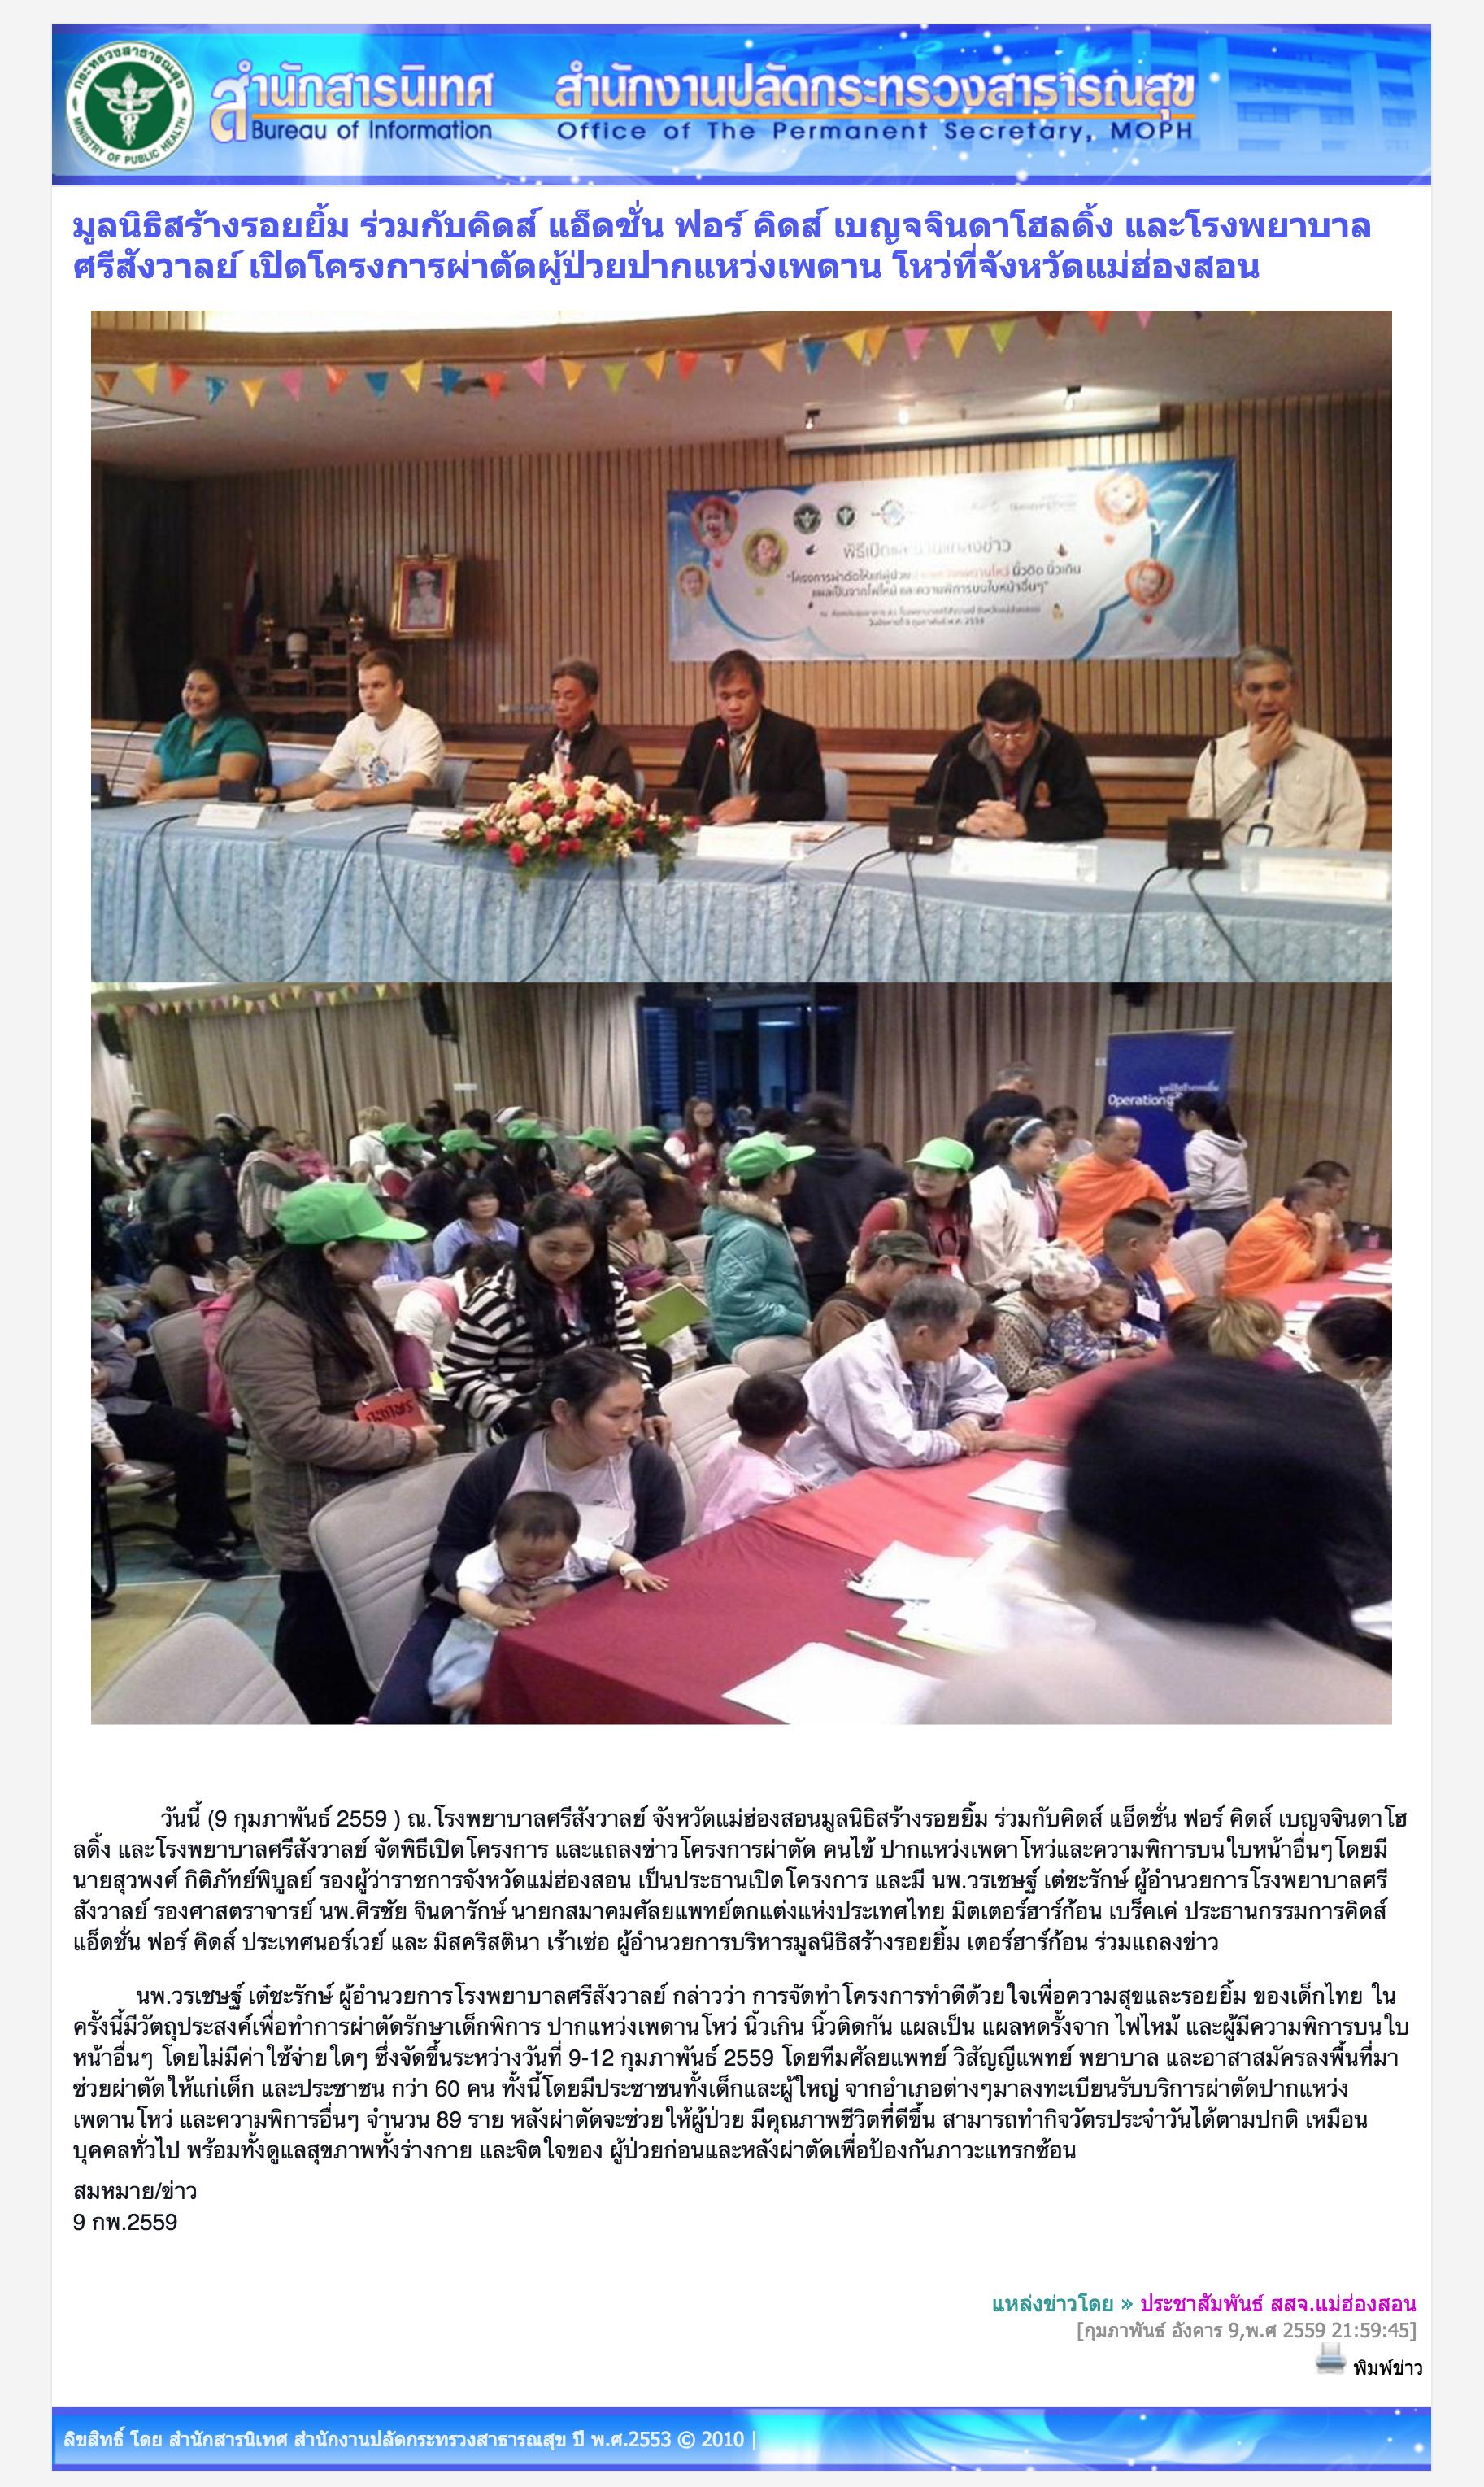 pr.moph.go.th – Thailand (online)